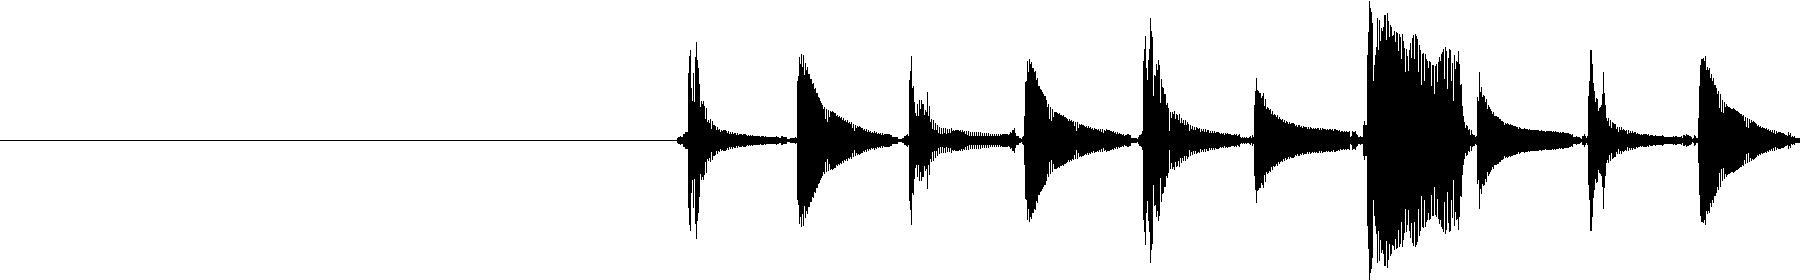 guitarfunk08 100